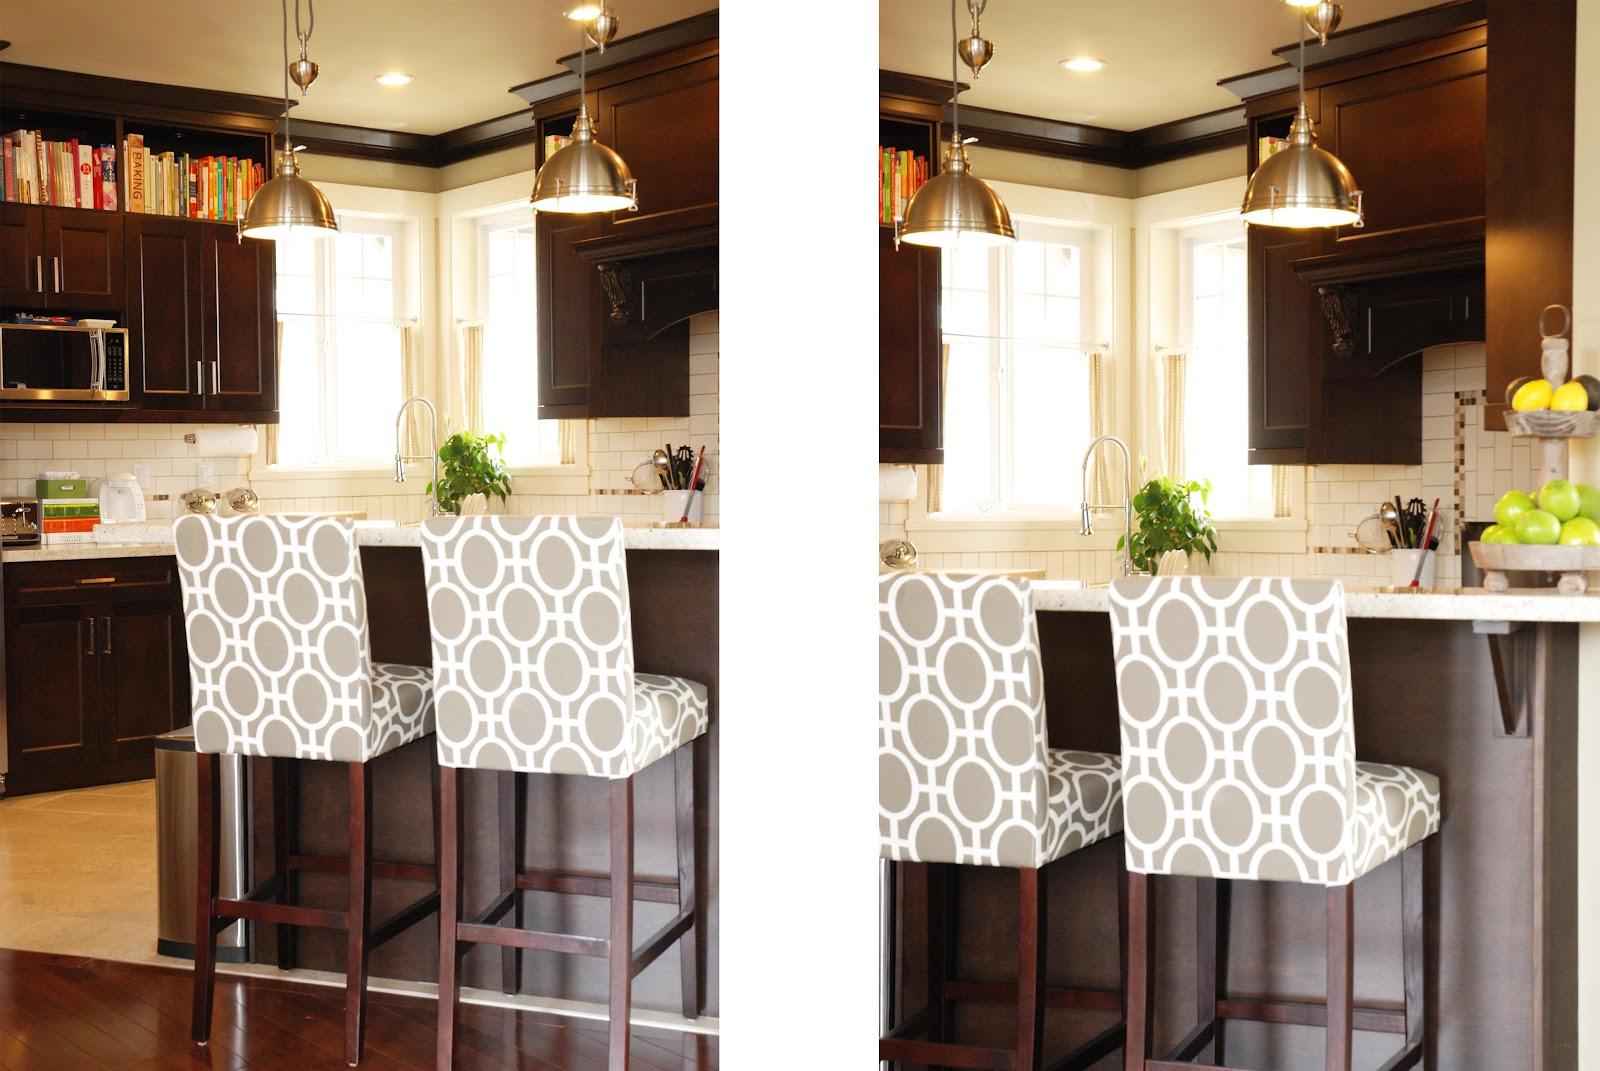 Kitchen breakfast bar stools Photo - 1